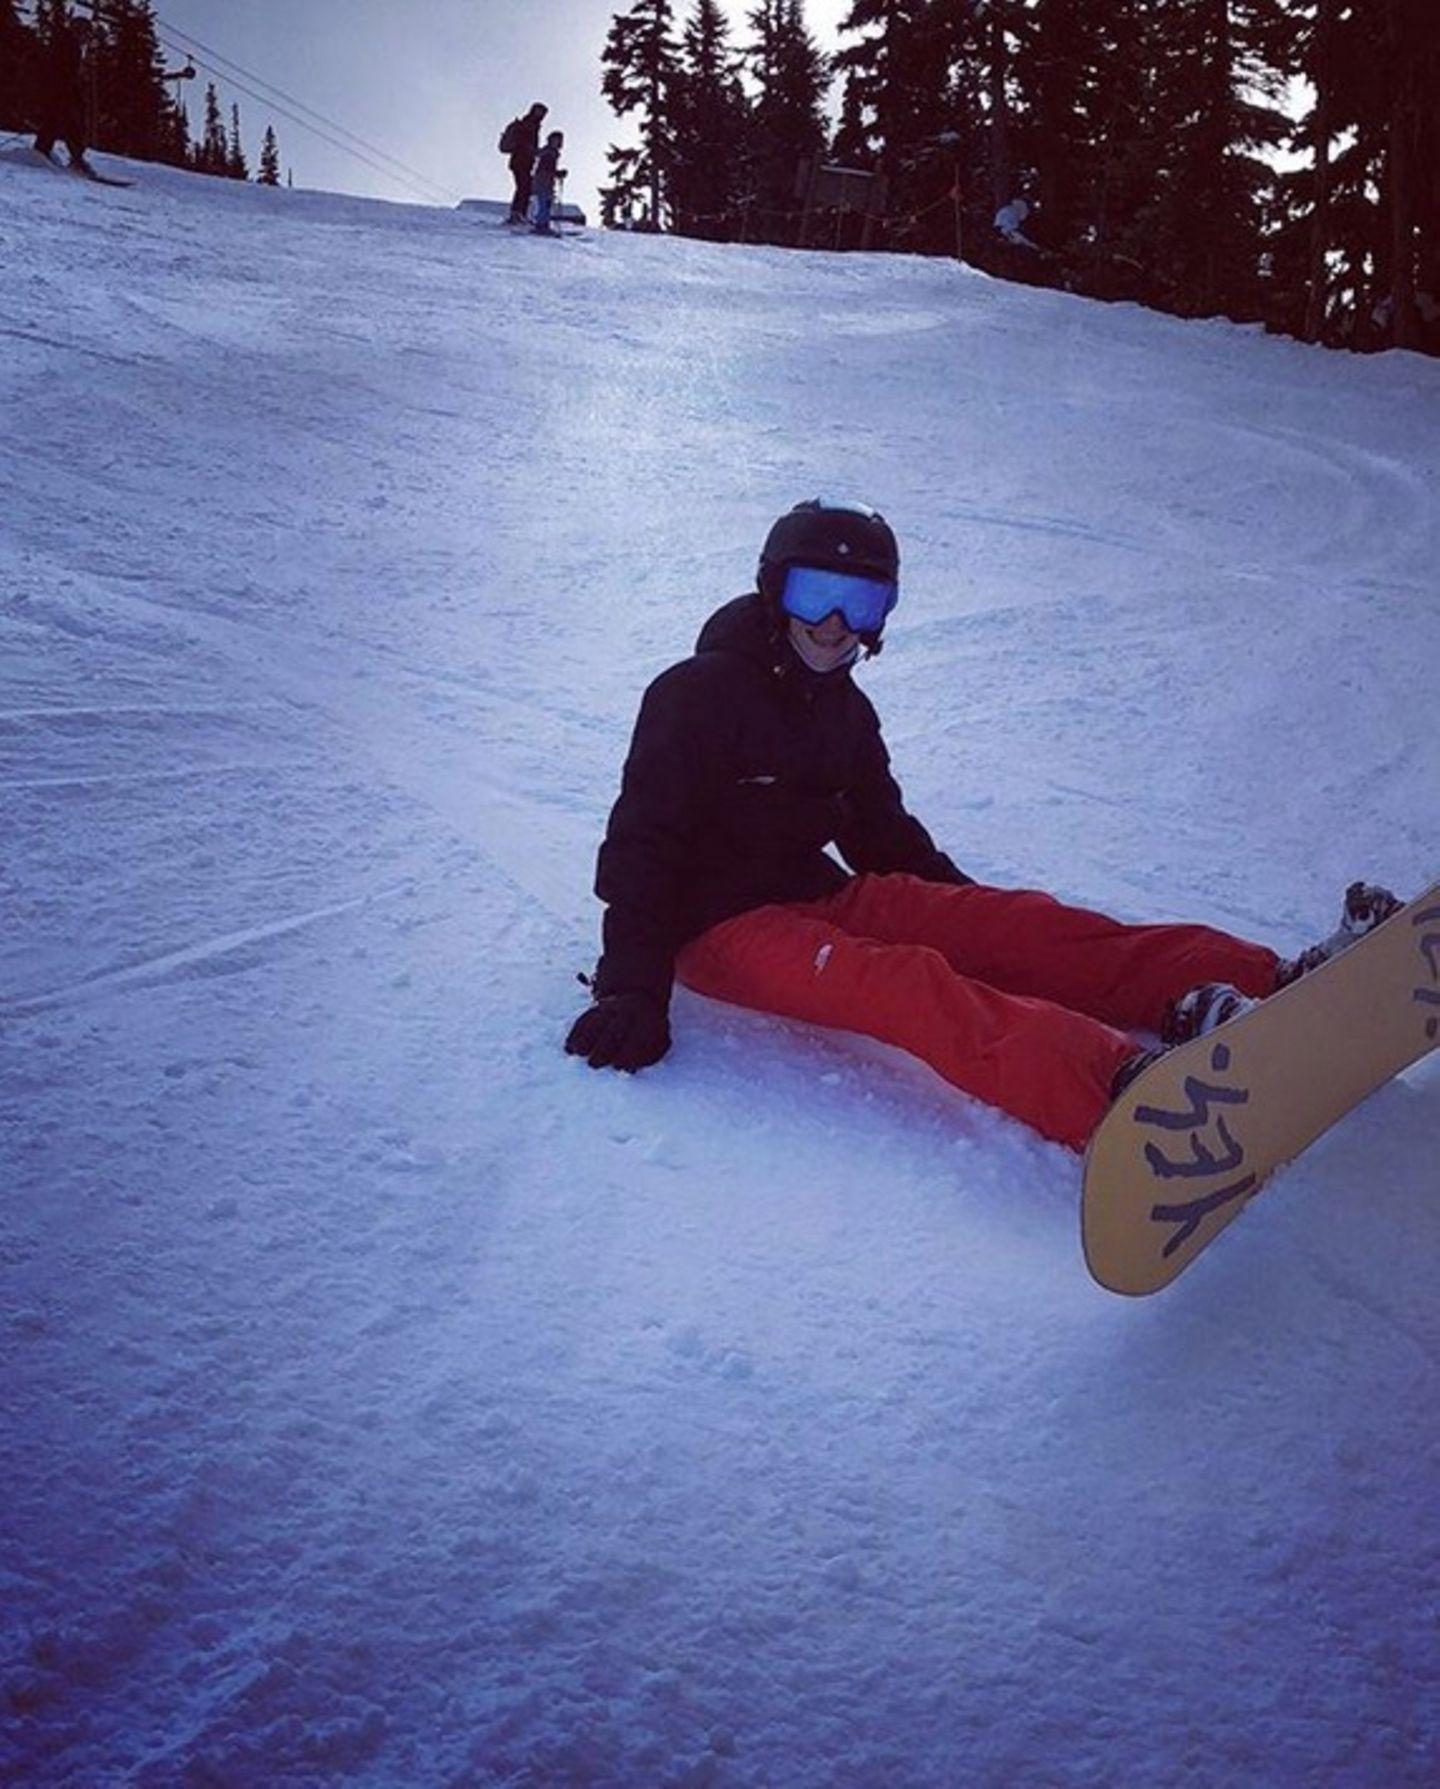 Die Familie Beckham verbringt aktuell ihren Winterurlaub im kanadischen Whistler. Söhnchen Romeo hat sichtlich Spaß beim Snowboarden.